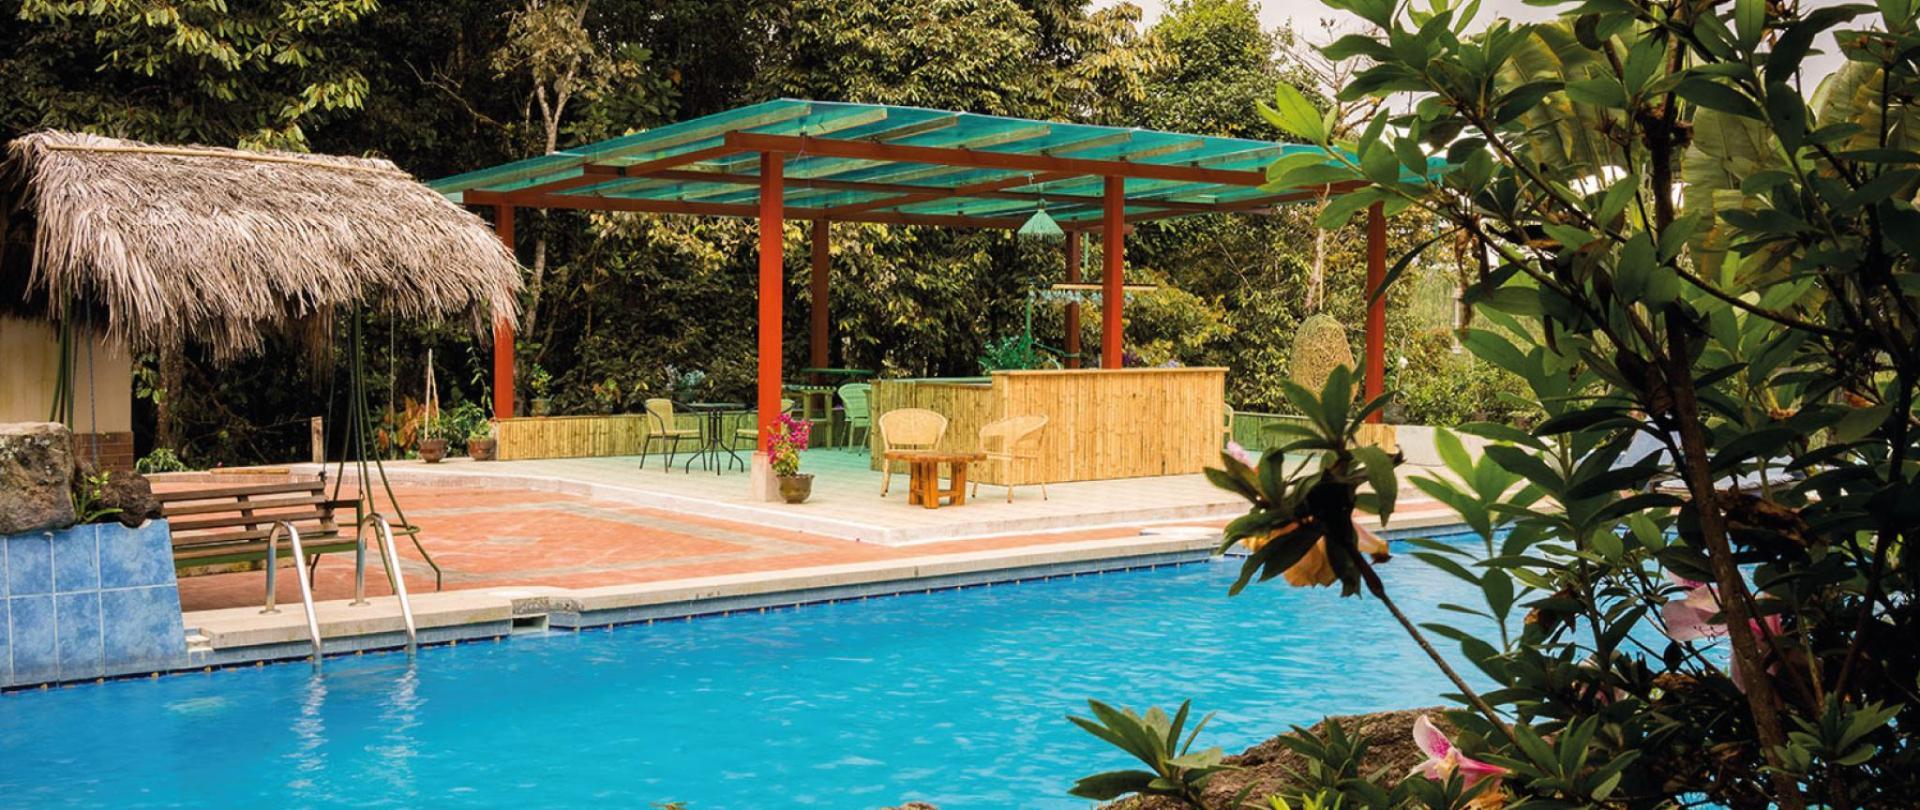 Yumbo-Spa-y-Resort-Hotel-en-Gualea-Pool.jpg